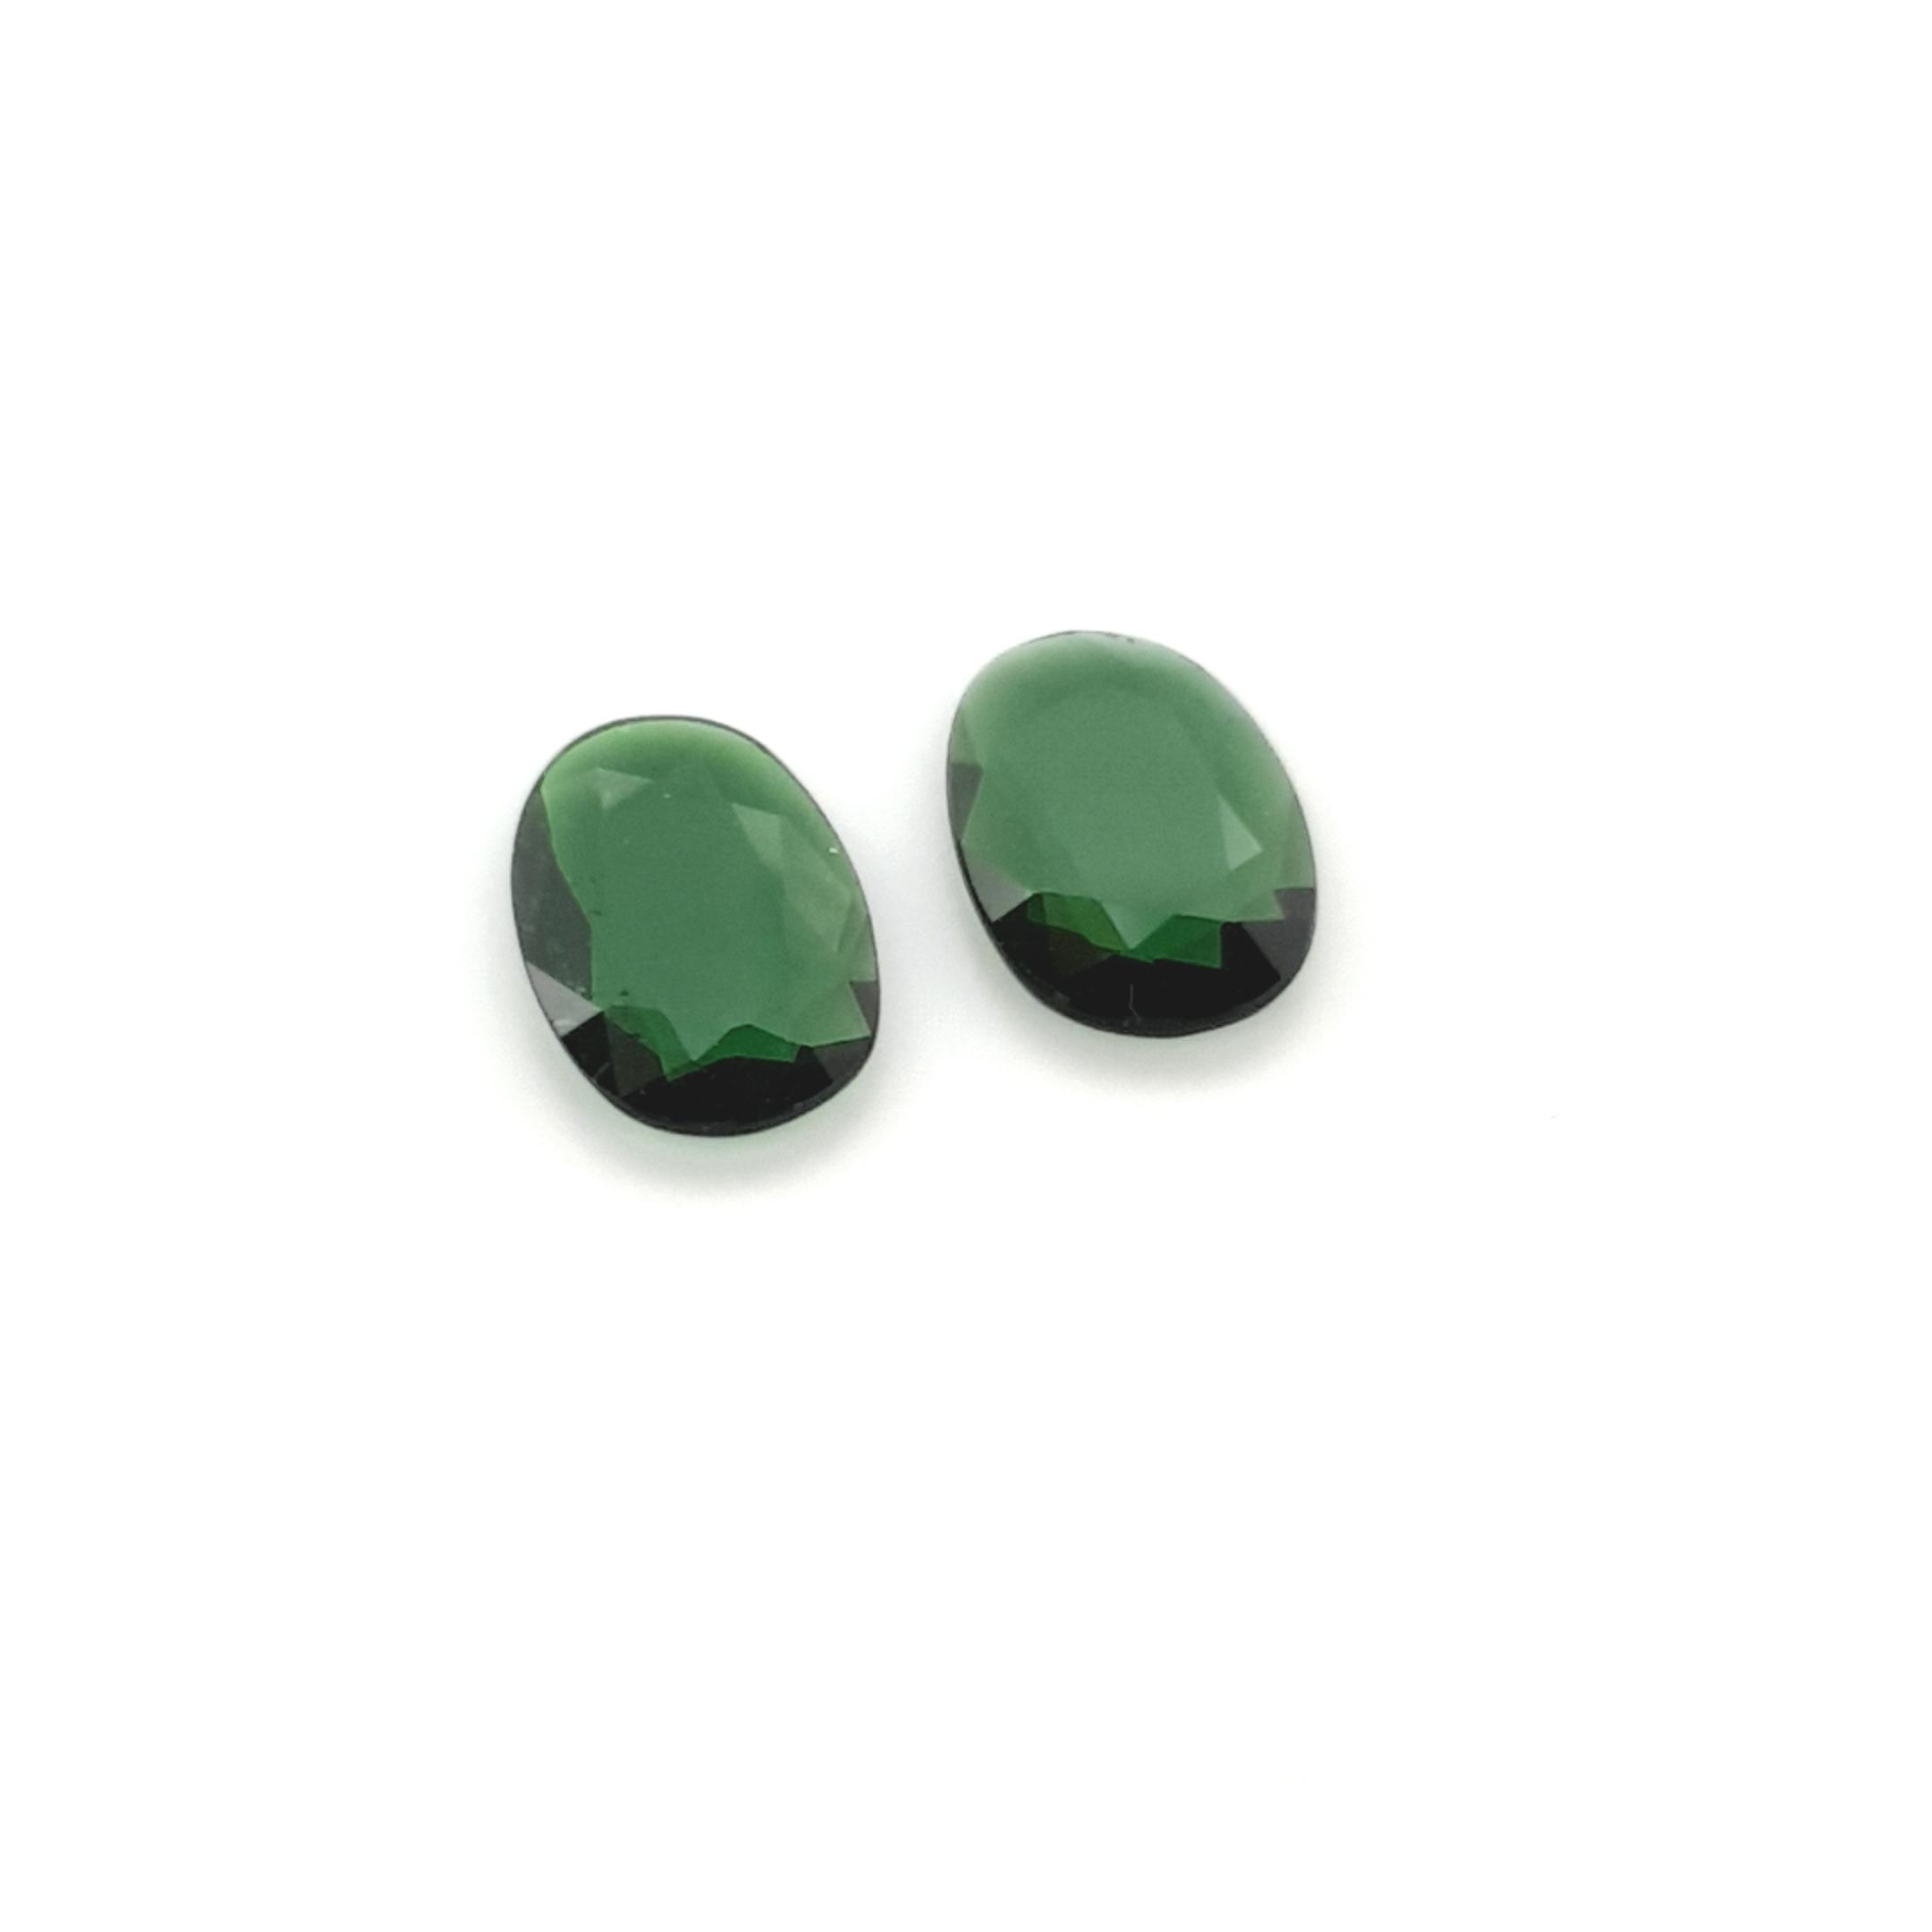 2,31ct.Pair Imperial Green Tourmalin DoubleRoseCut TMK8C3 ClaudiaHamann__2021-02-11-22-55-33